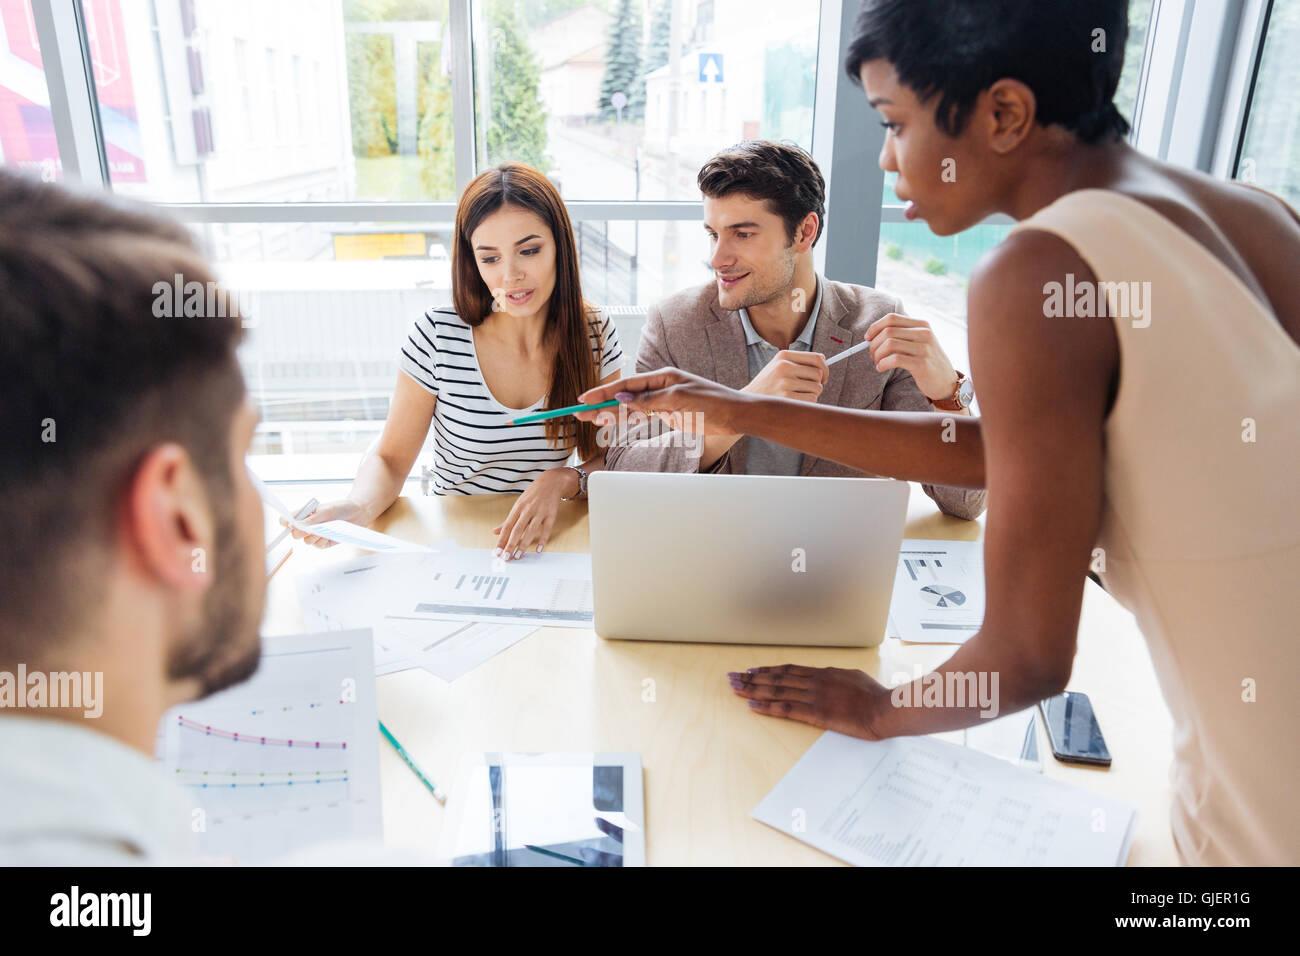 Grupo multiétnico de jóvenes empresarios la preparación para la presentación juntos en la oficina Imagen De Stock